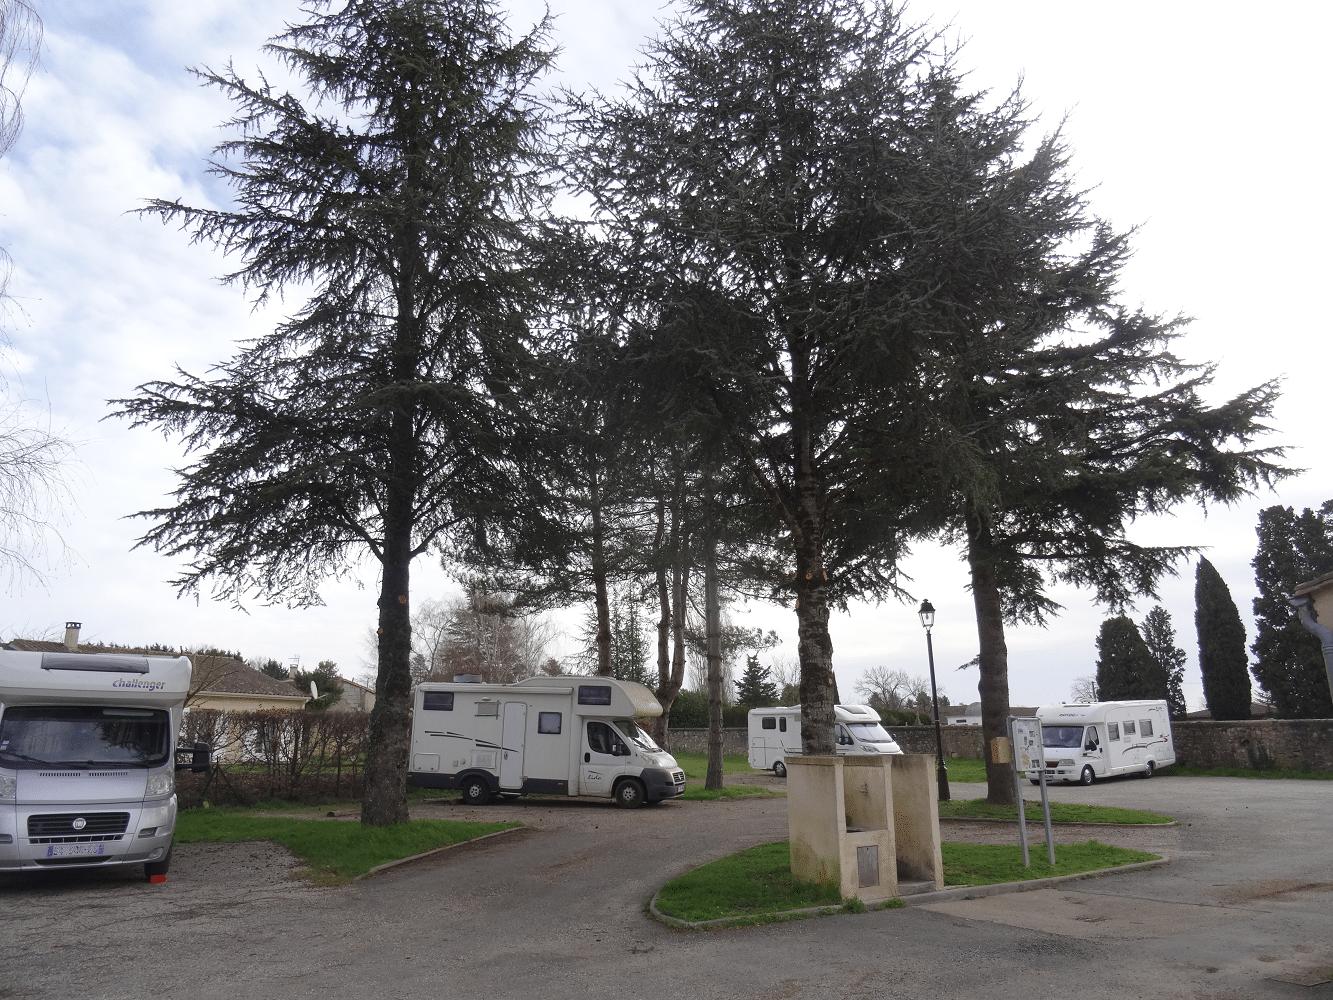 Aire camping-car de Monpazier en Dordogne